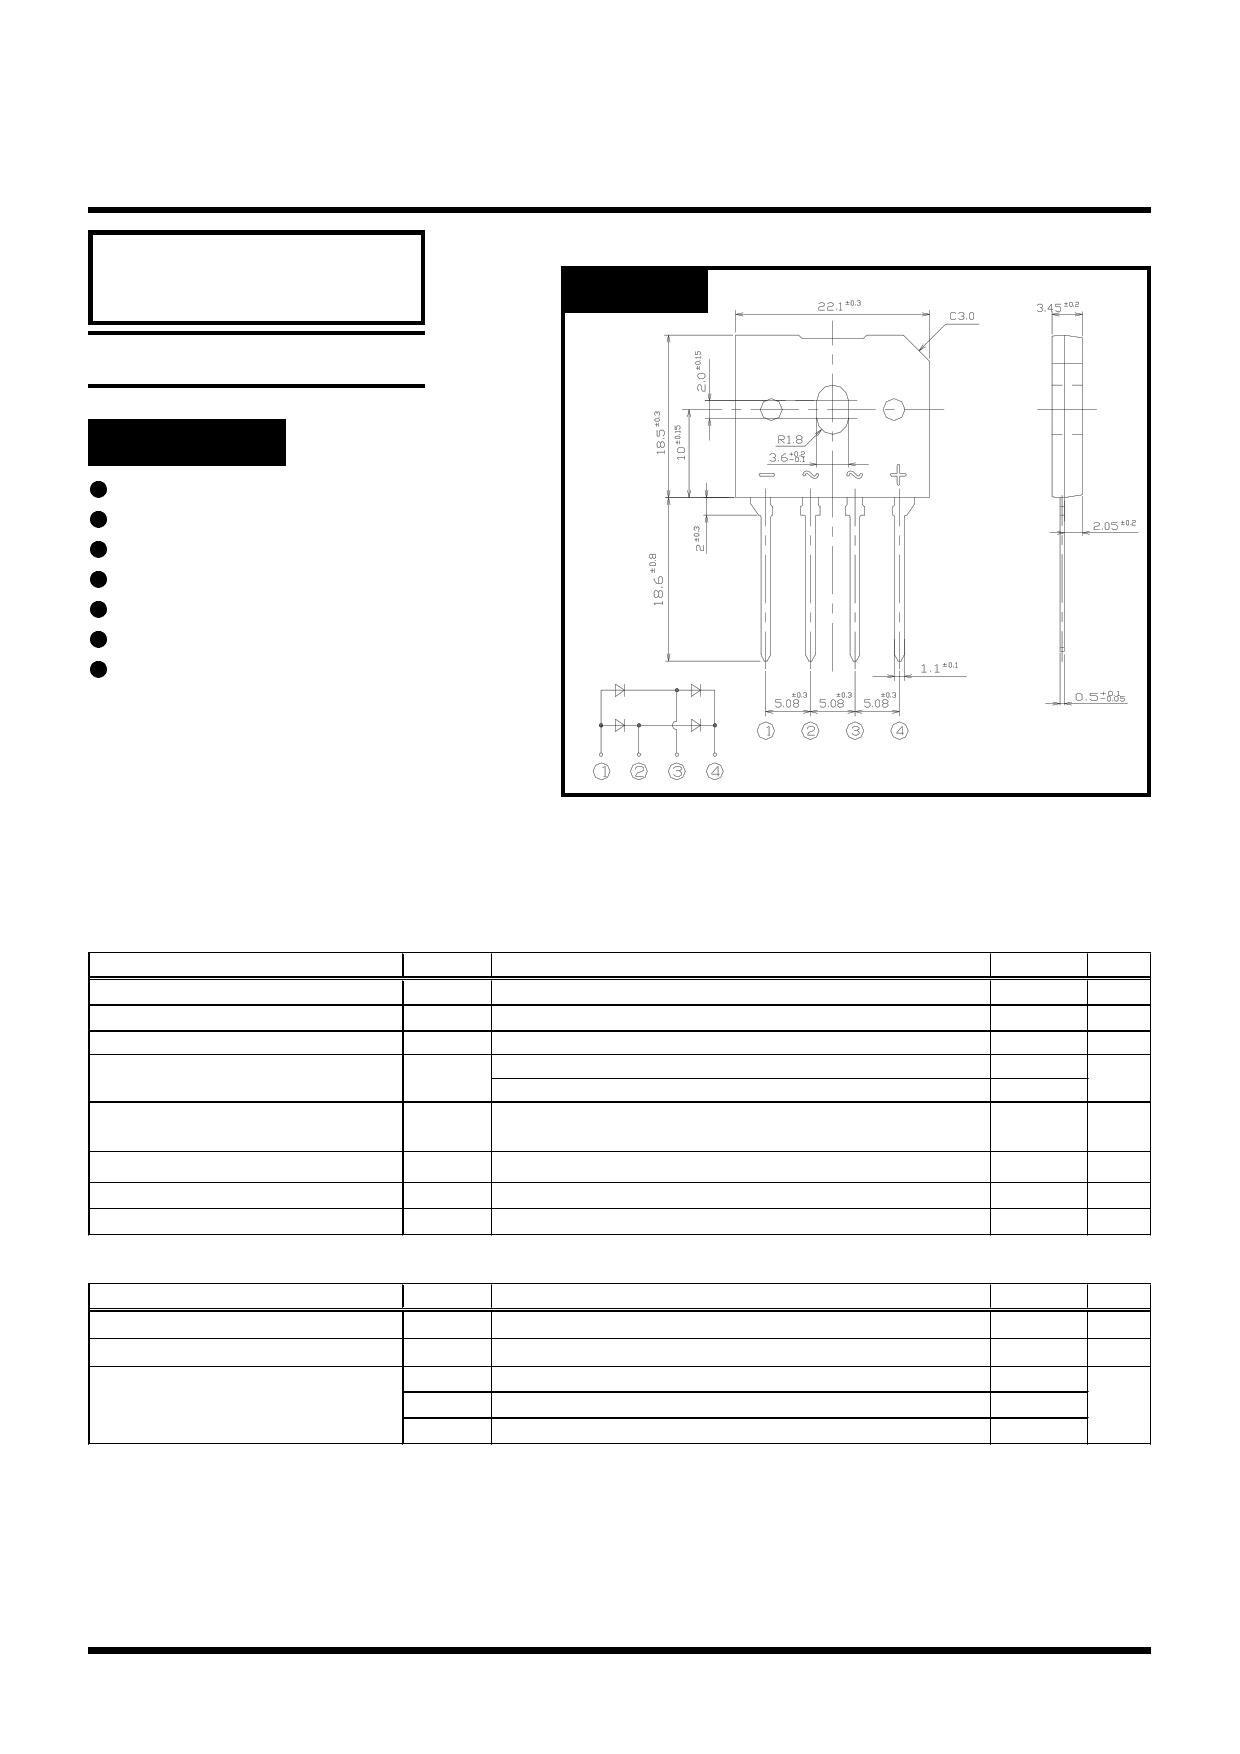 U8KBA80R datasheet, circuit